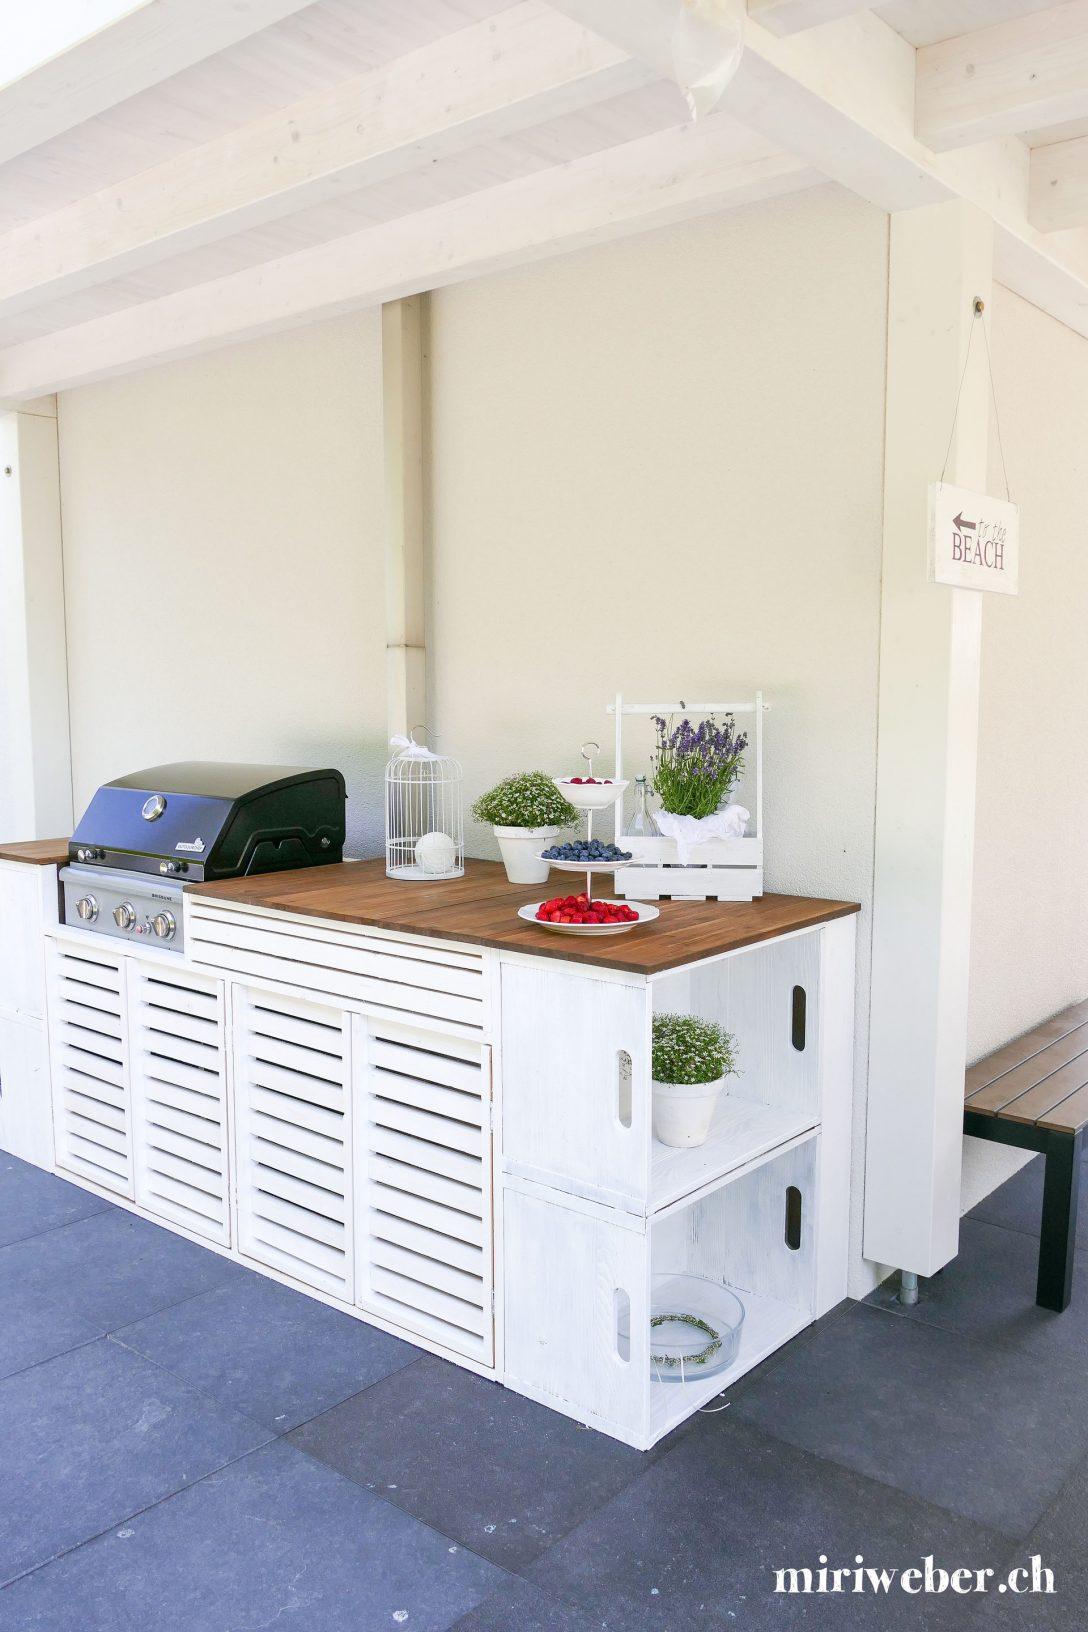 Large Size of Outdoor Kche Miriweberch Kreativ Diy Food Familien Nolte Küche Beistelltisch Miniküche Mit Kühlschrank Tresen Einzelschränke Günstig Elektrogeräten Mini Wohnzimmer Küche Selbst Bauen